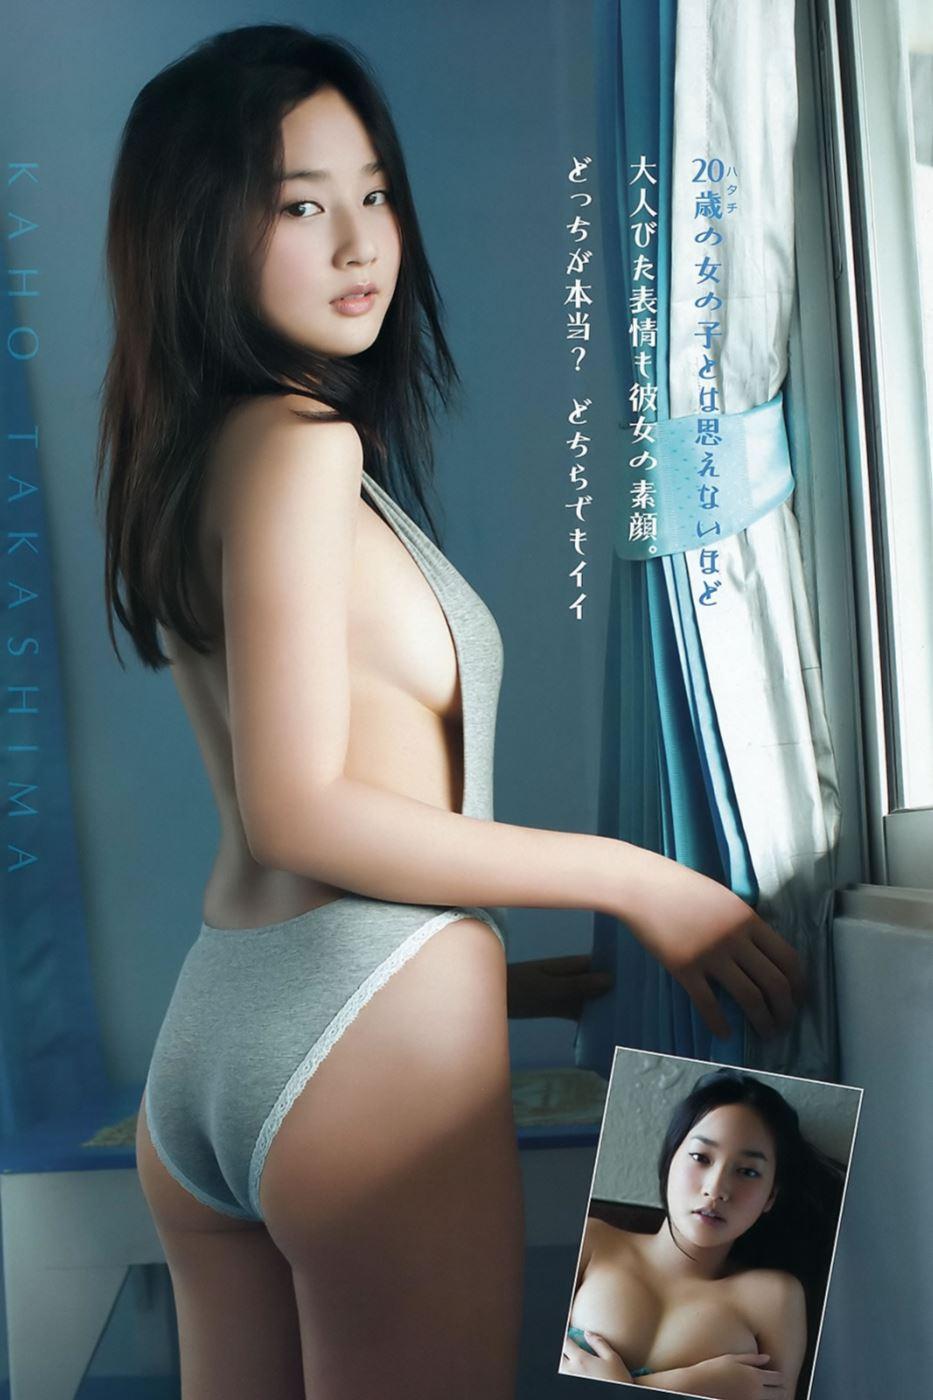 高嶋香帆 セクシー画像 88